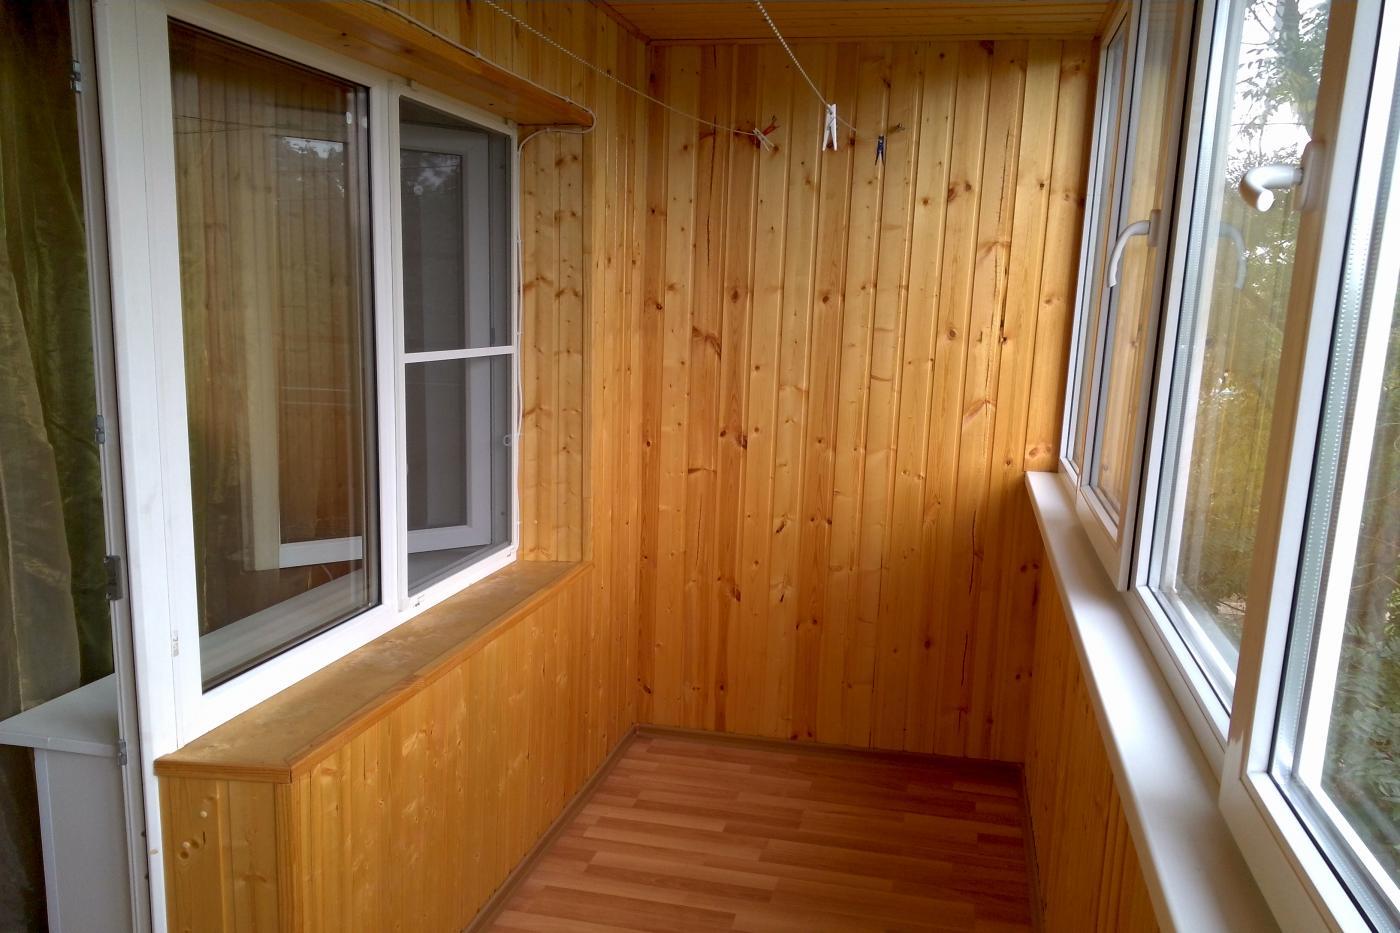 1-комнатная квартира посуточно (вариант № 1683), ул. Ставропольская улица, фото № 5